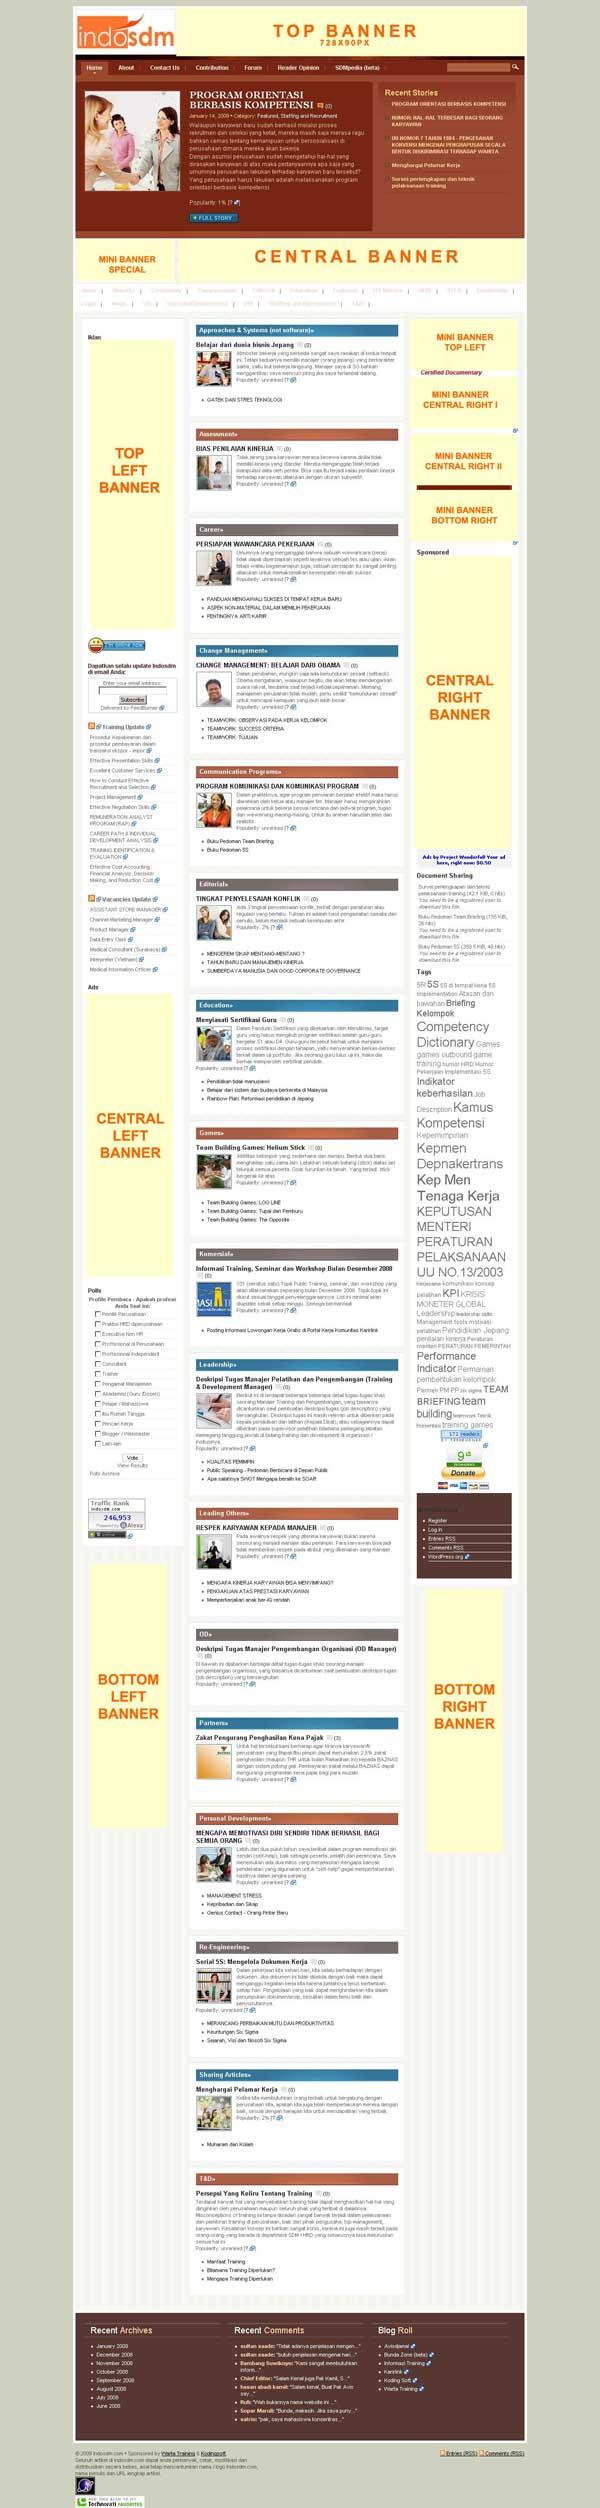 indosdm-banner-position-2009